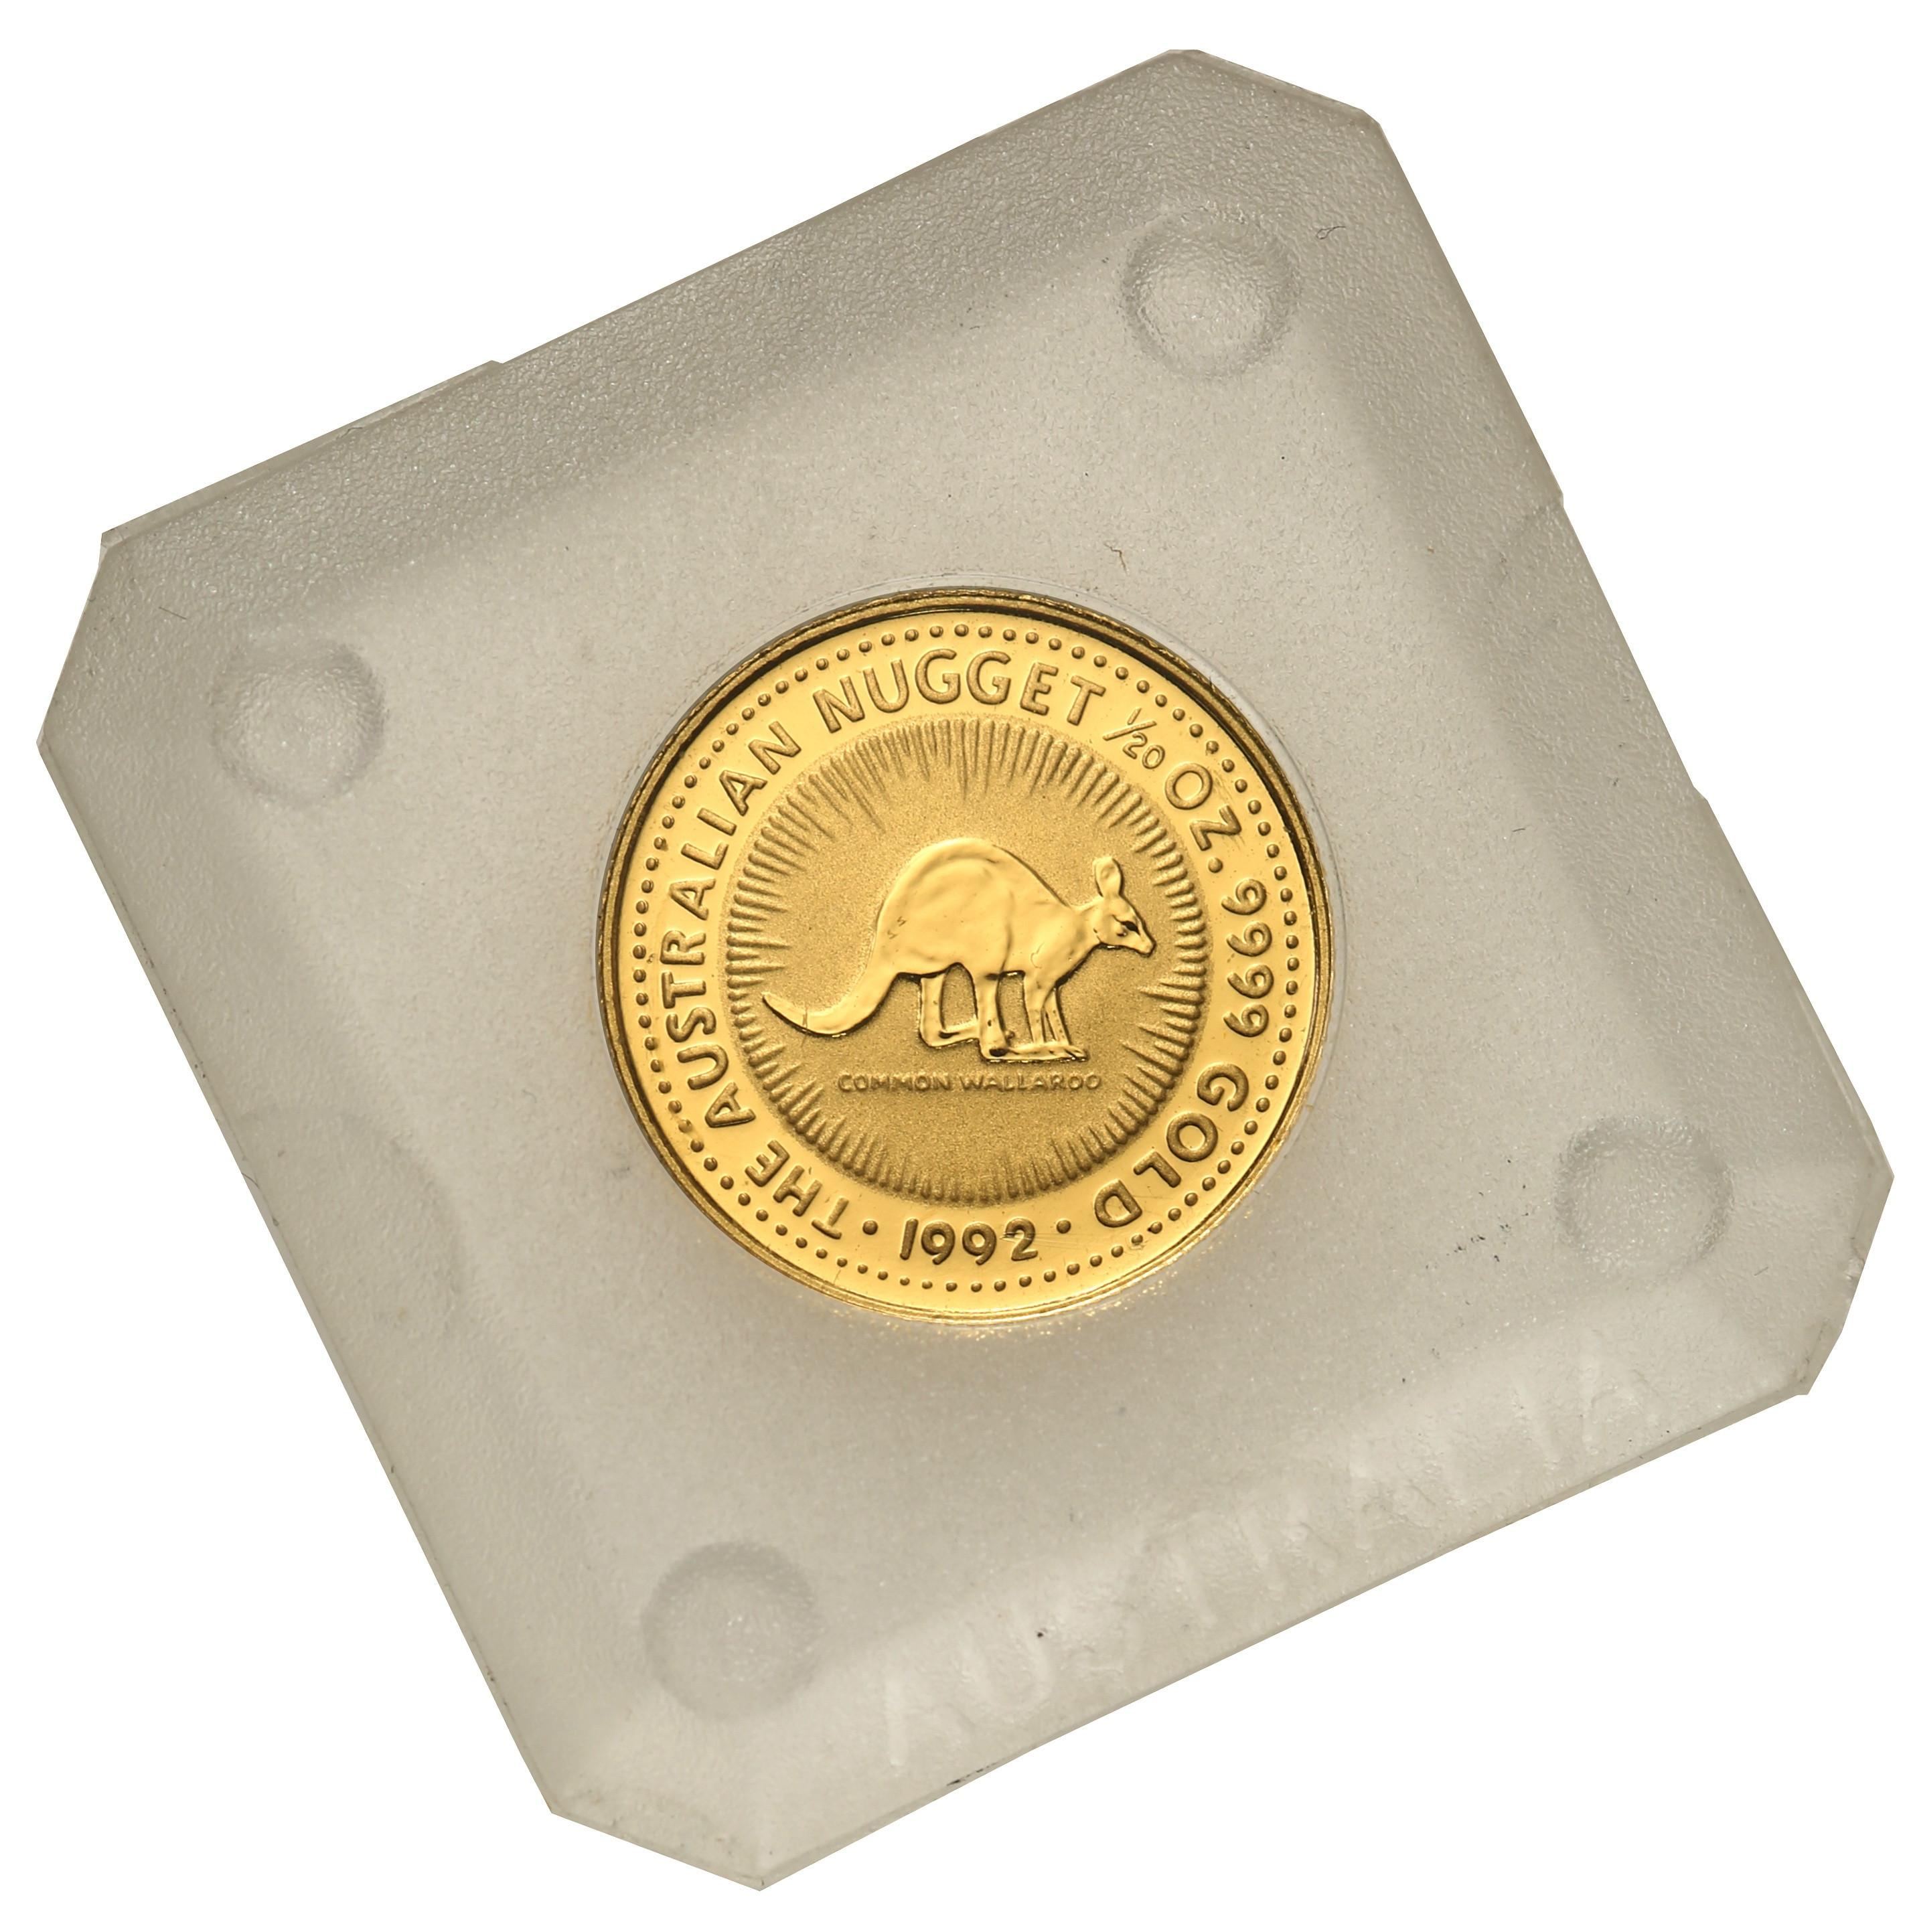 Australia. Elżbieta II 15 Dolarów 1992 kangur st.L – 1/10 uncji złota